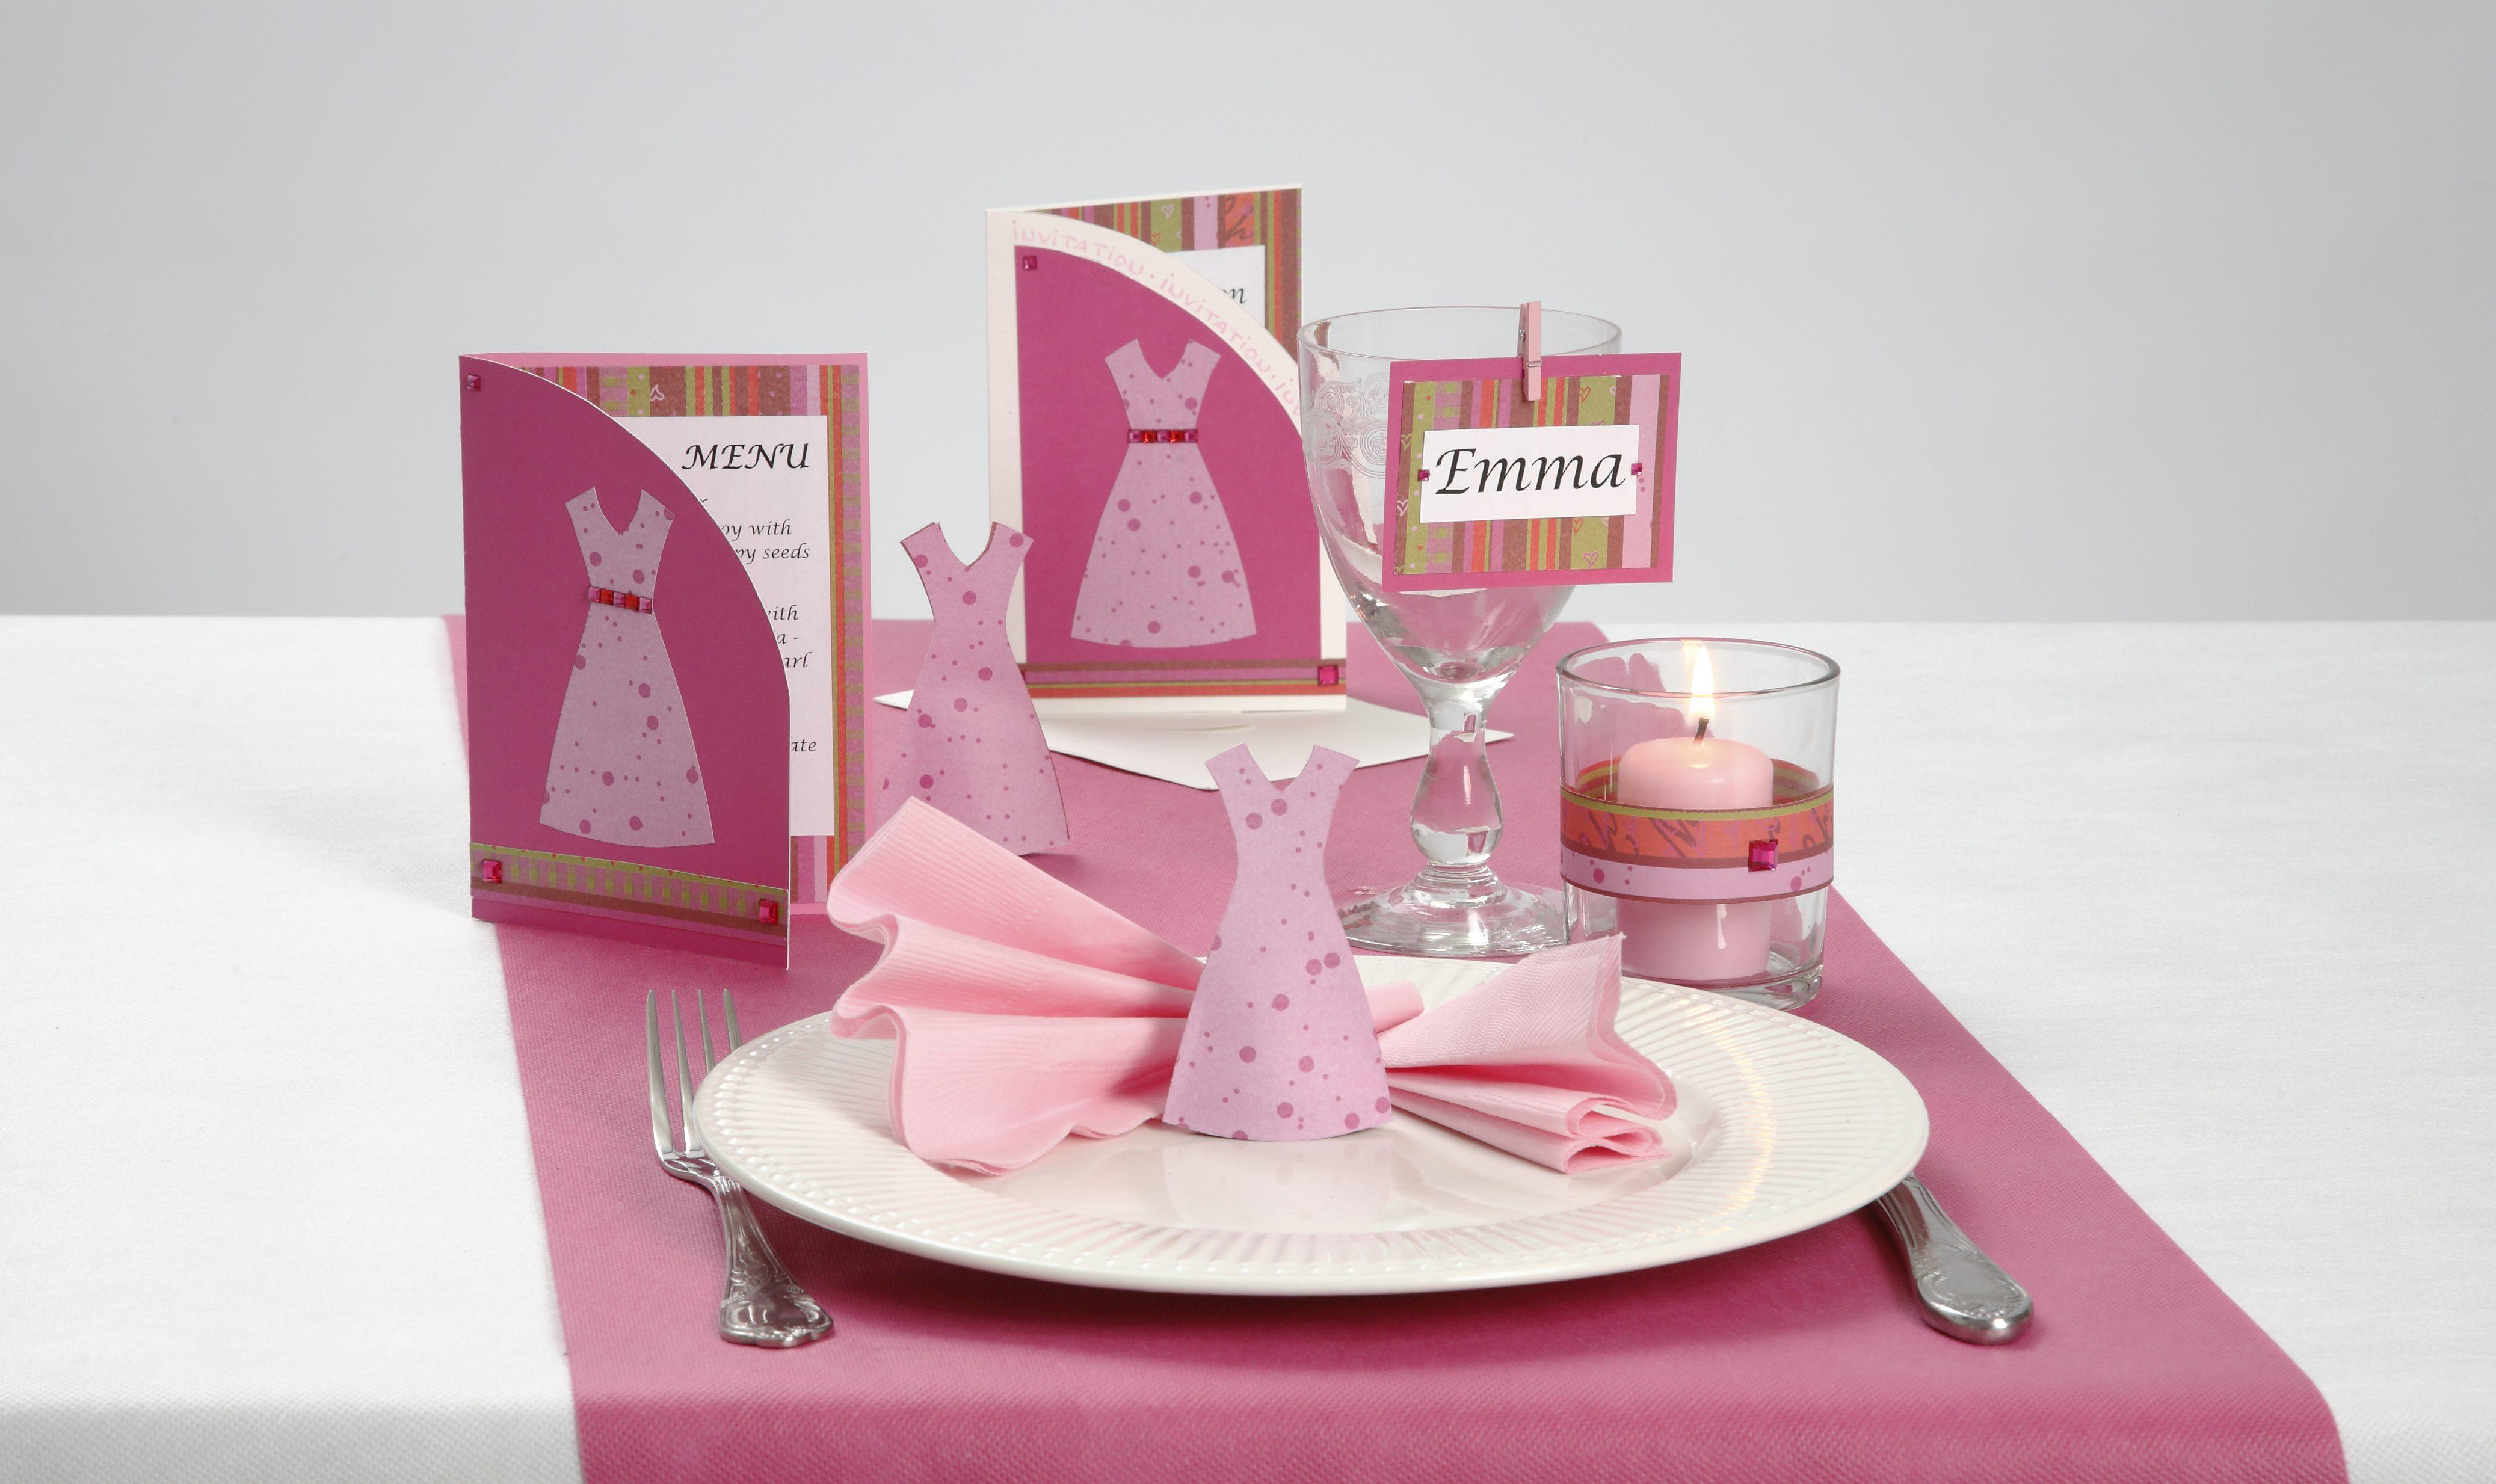 Konfirmasjon: Innbydelse og bordpynt med kjoler i pink